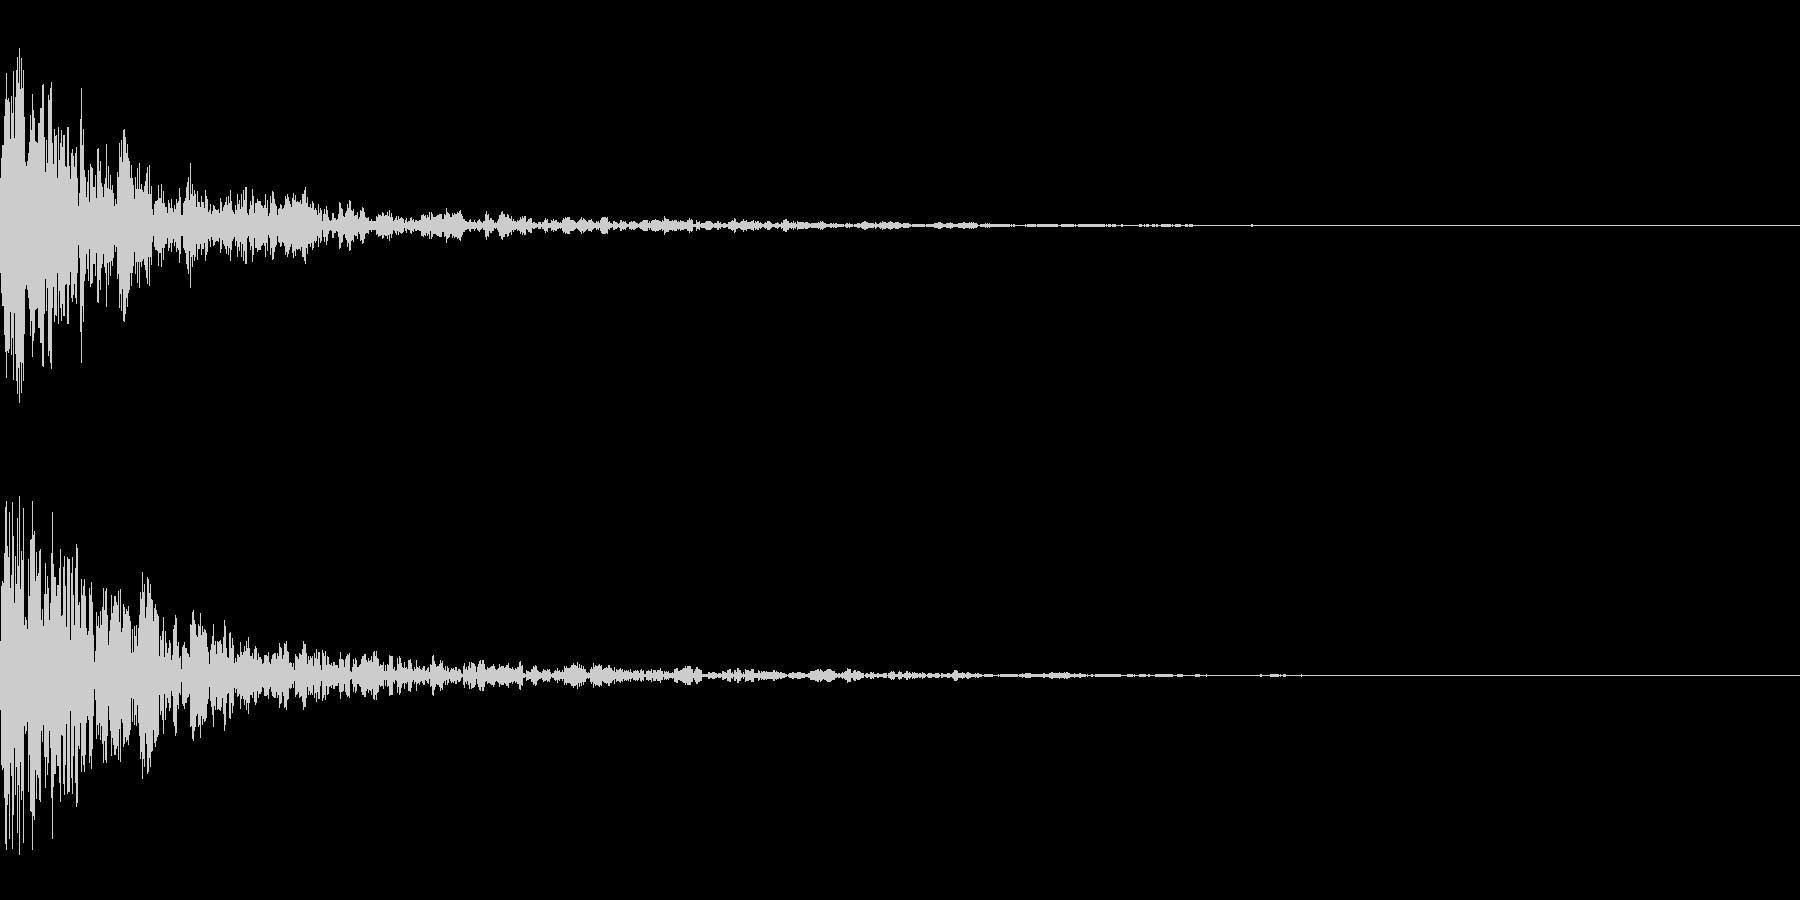 ドーン-47-1(インパクト音)の未再生の波形